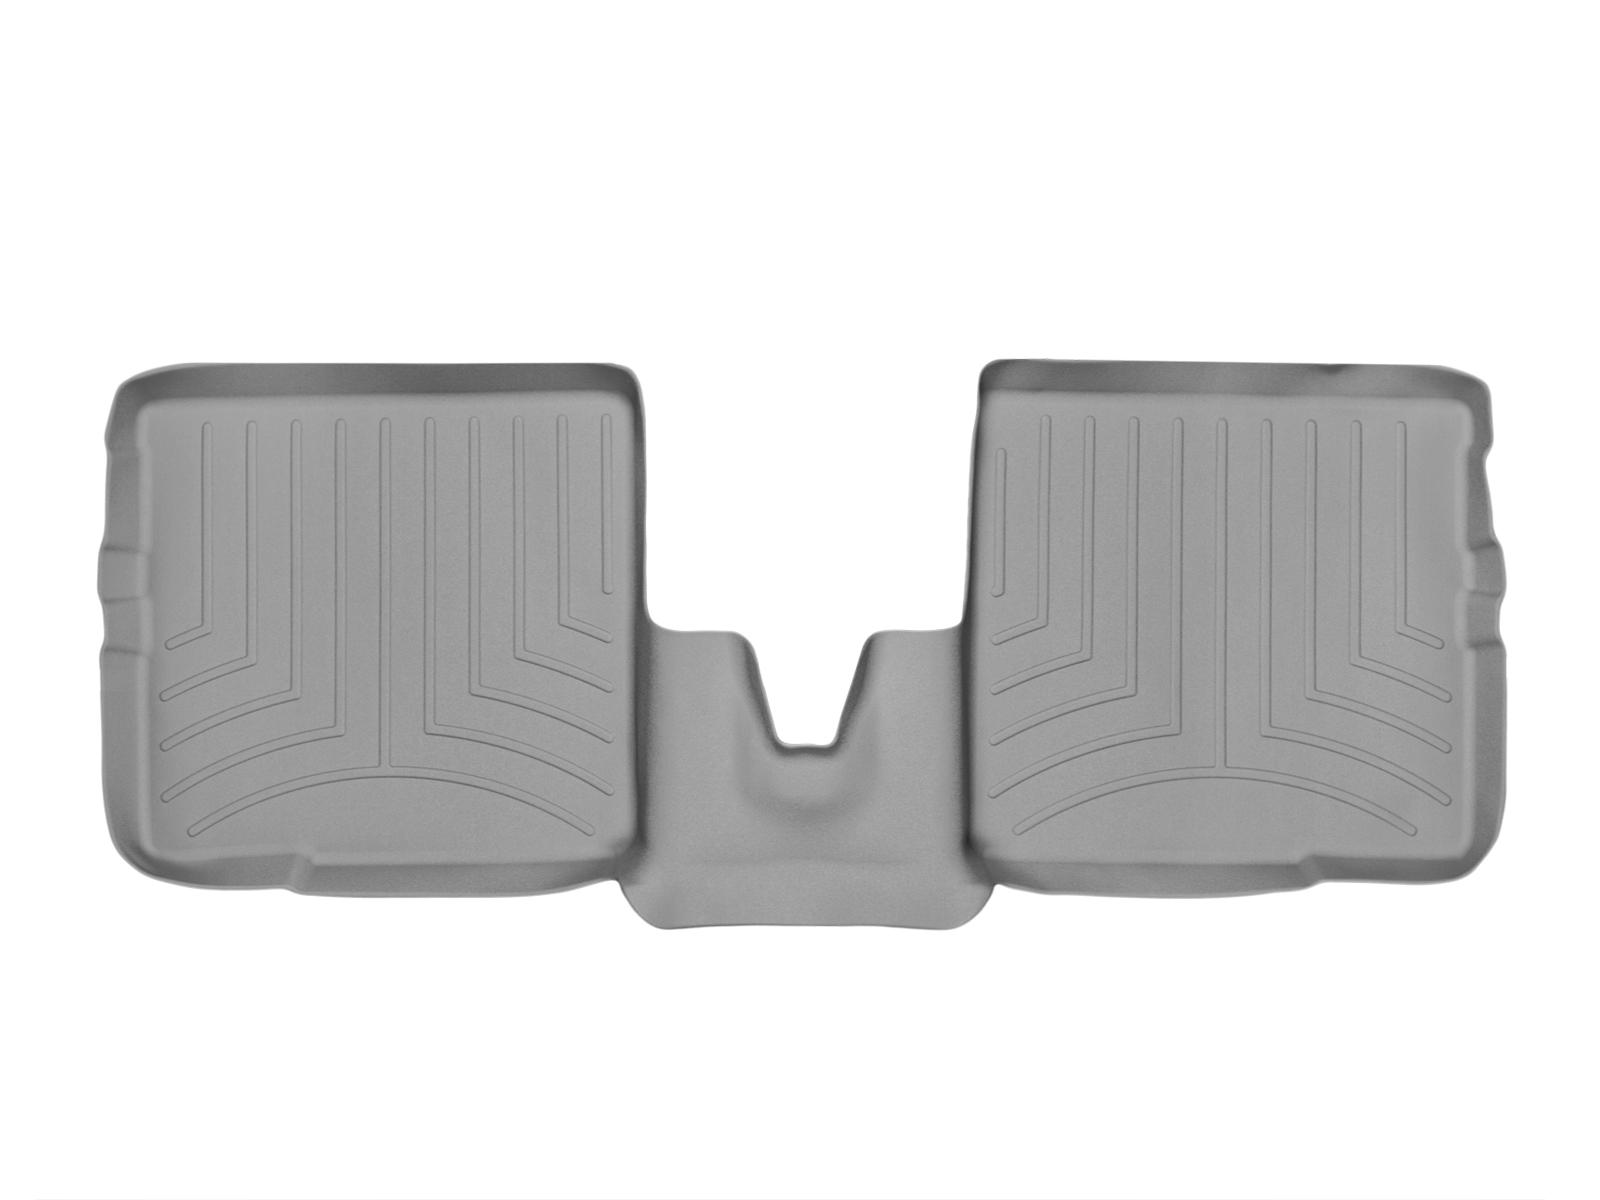 Tappeti gomma su misura bordo alto Fiat Panda 03>10 Grigio A807*